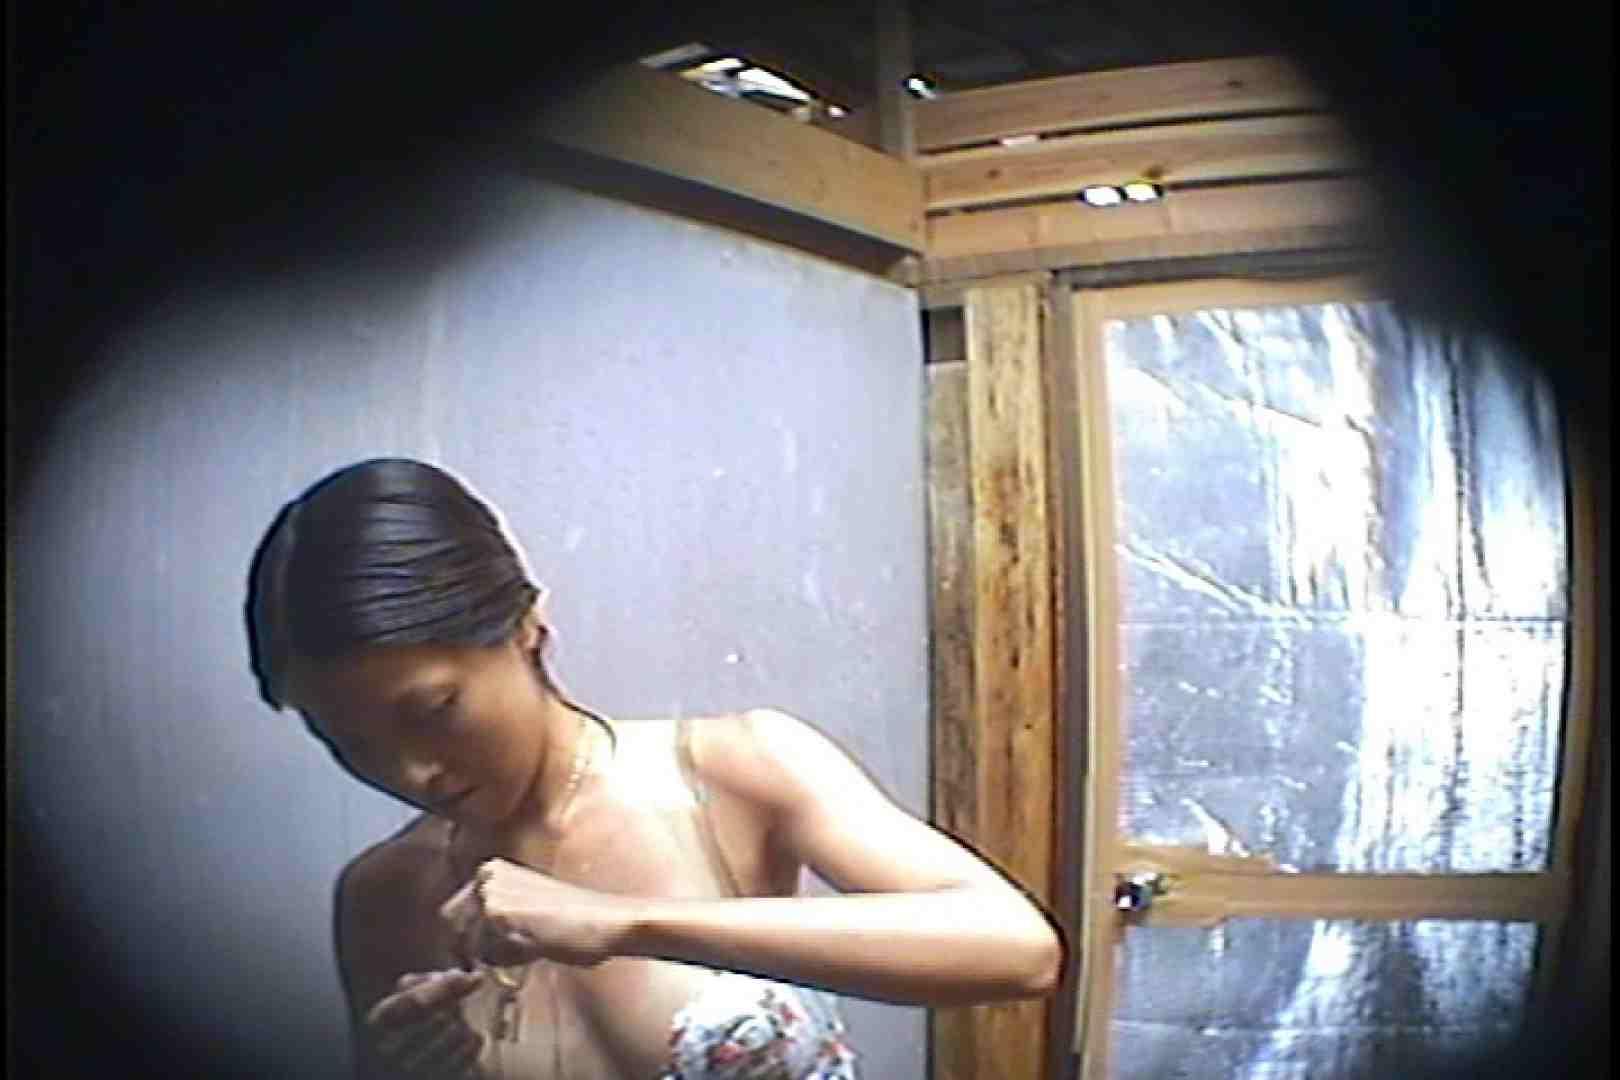 海の家の更衣室 Vol.45 美肌 ぱこり動画紹介 79画像 8